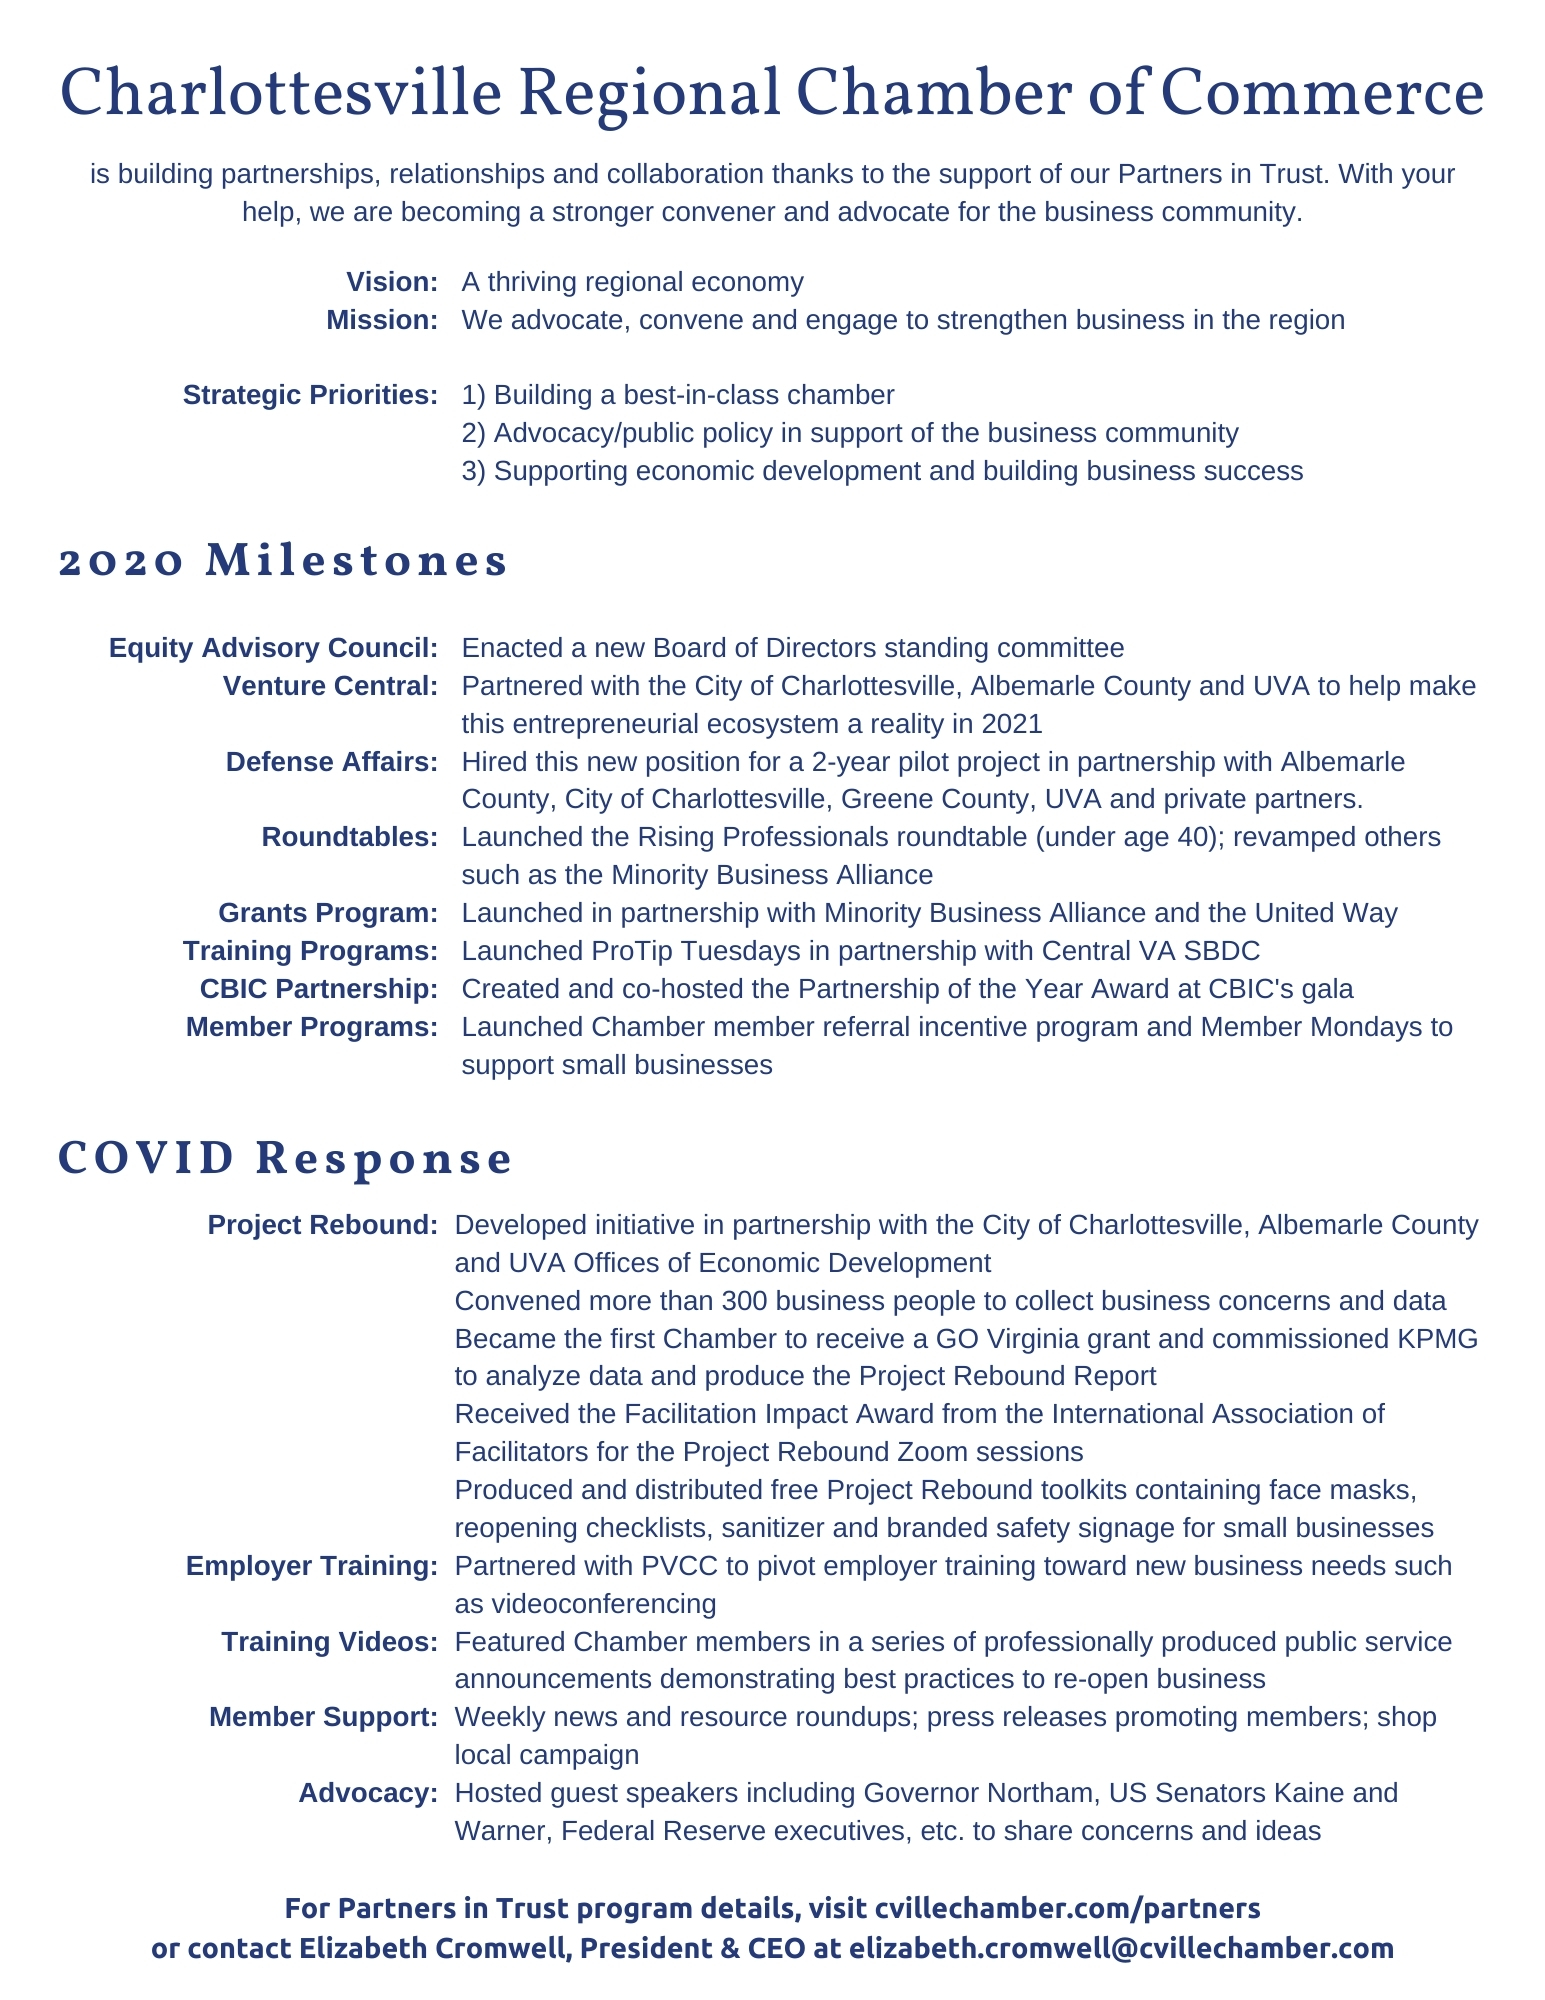 2021 PiT proposal p4